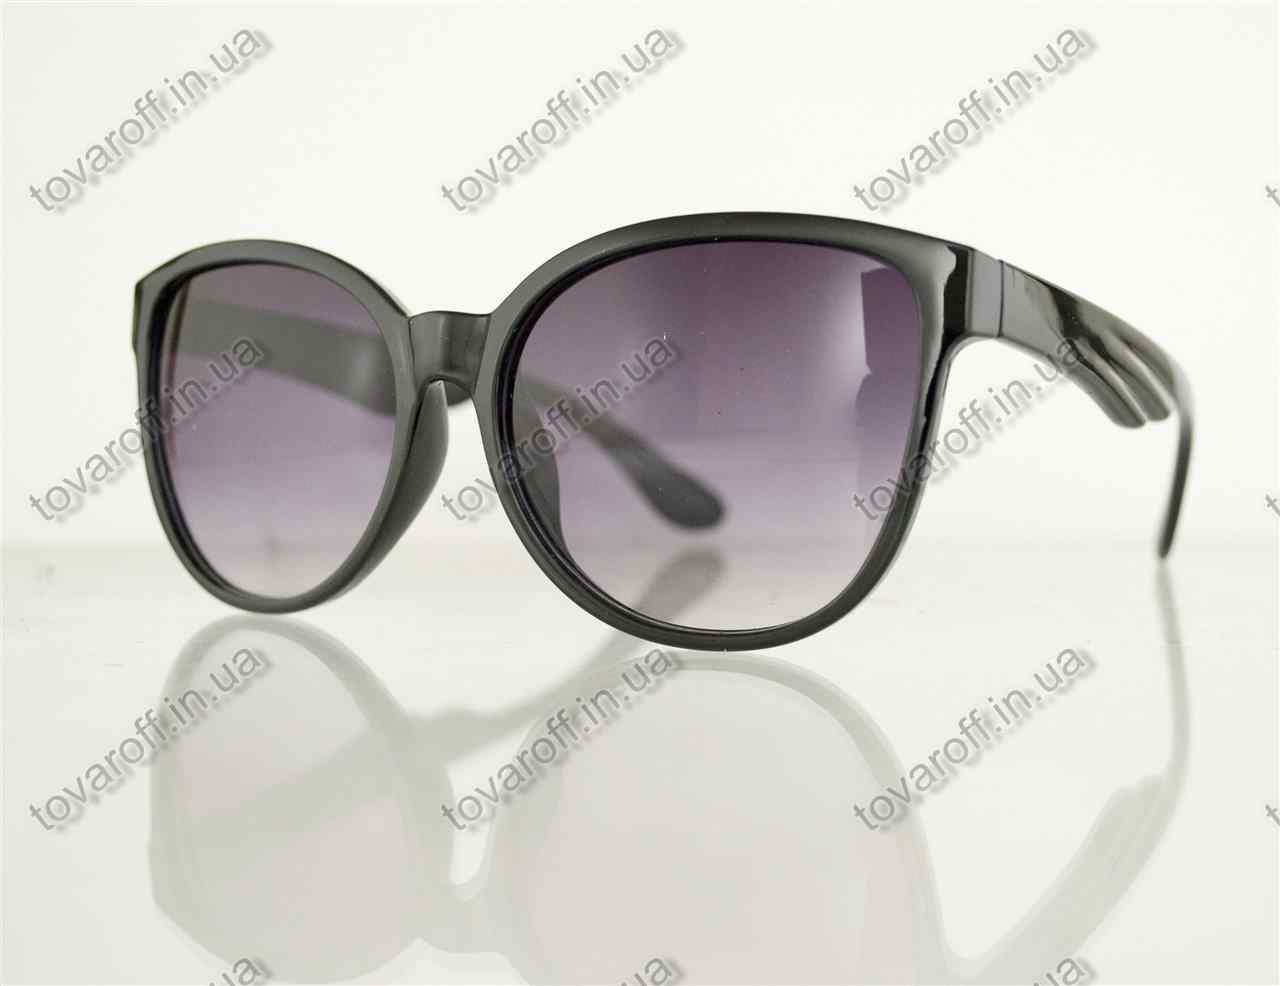 Окуляри унісекс сонцезахисні в стилі Вайфарер (Wayfarer) - Чорні - 1003